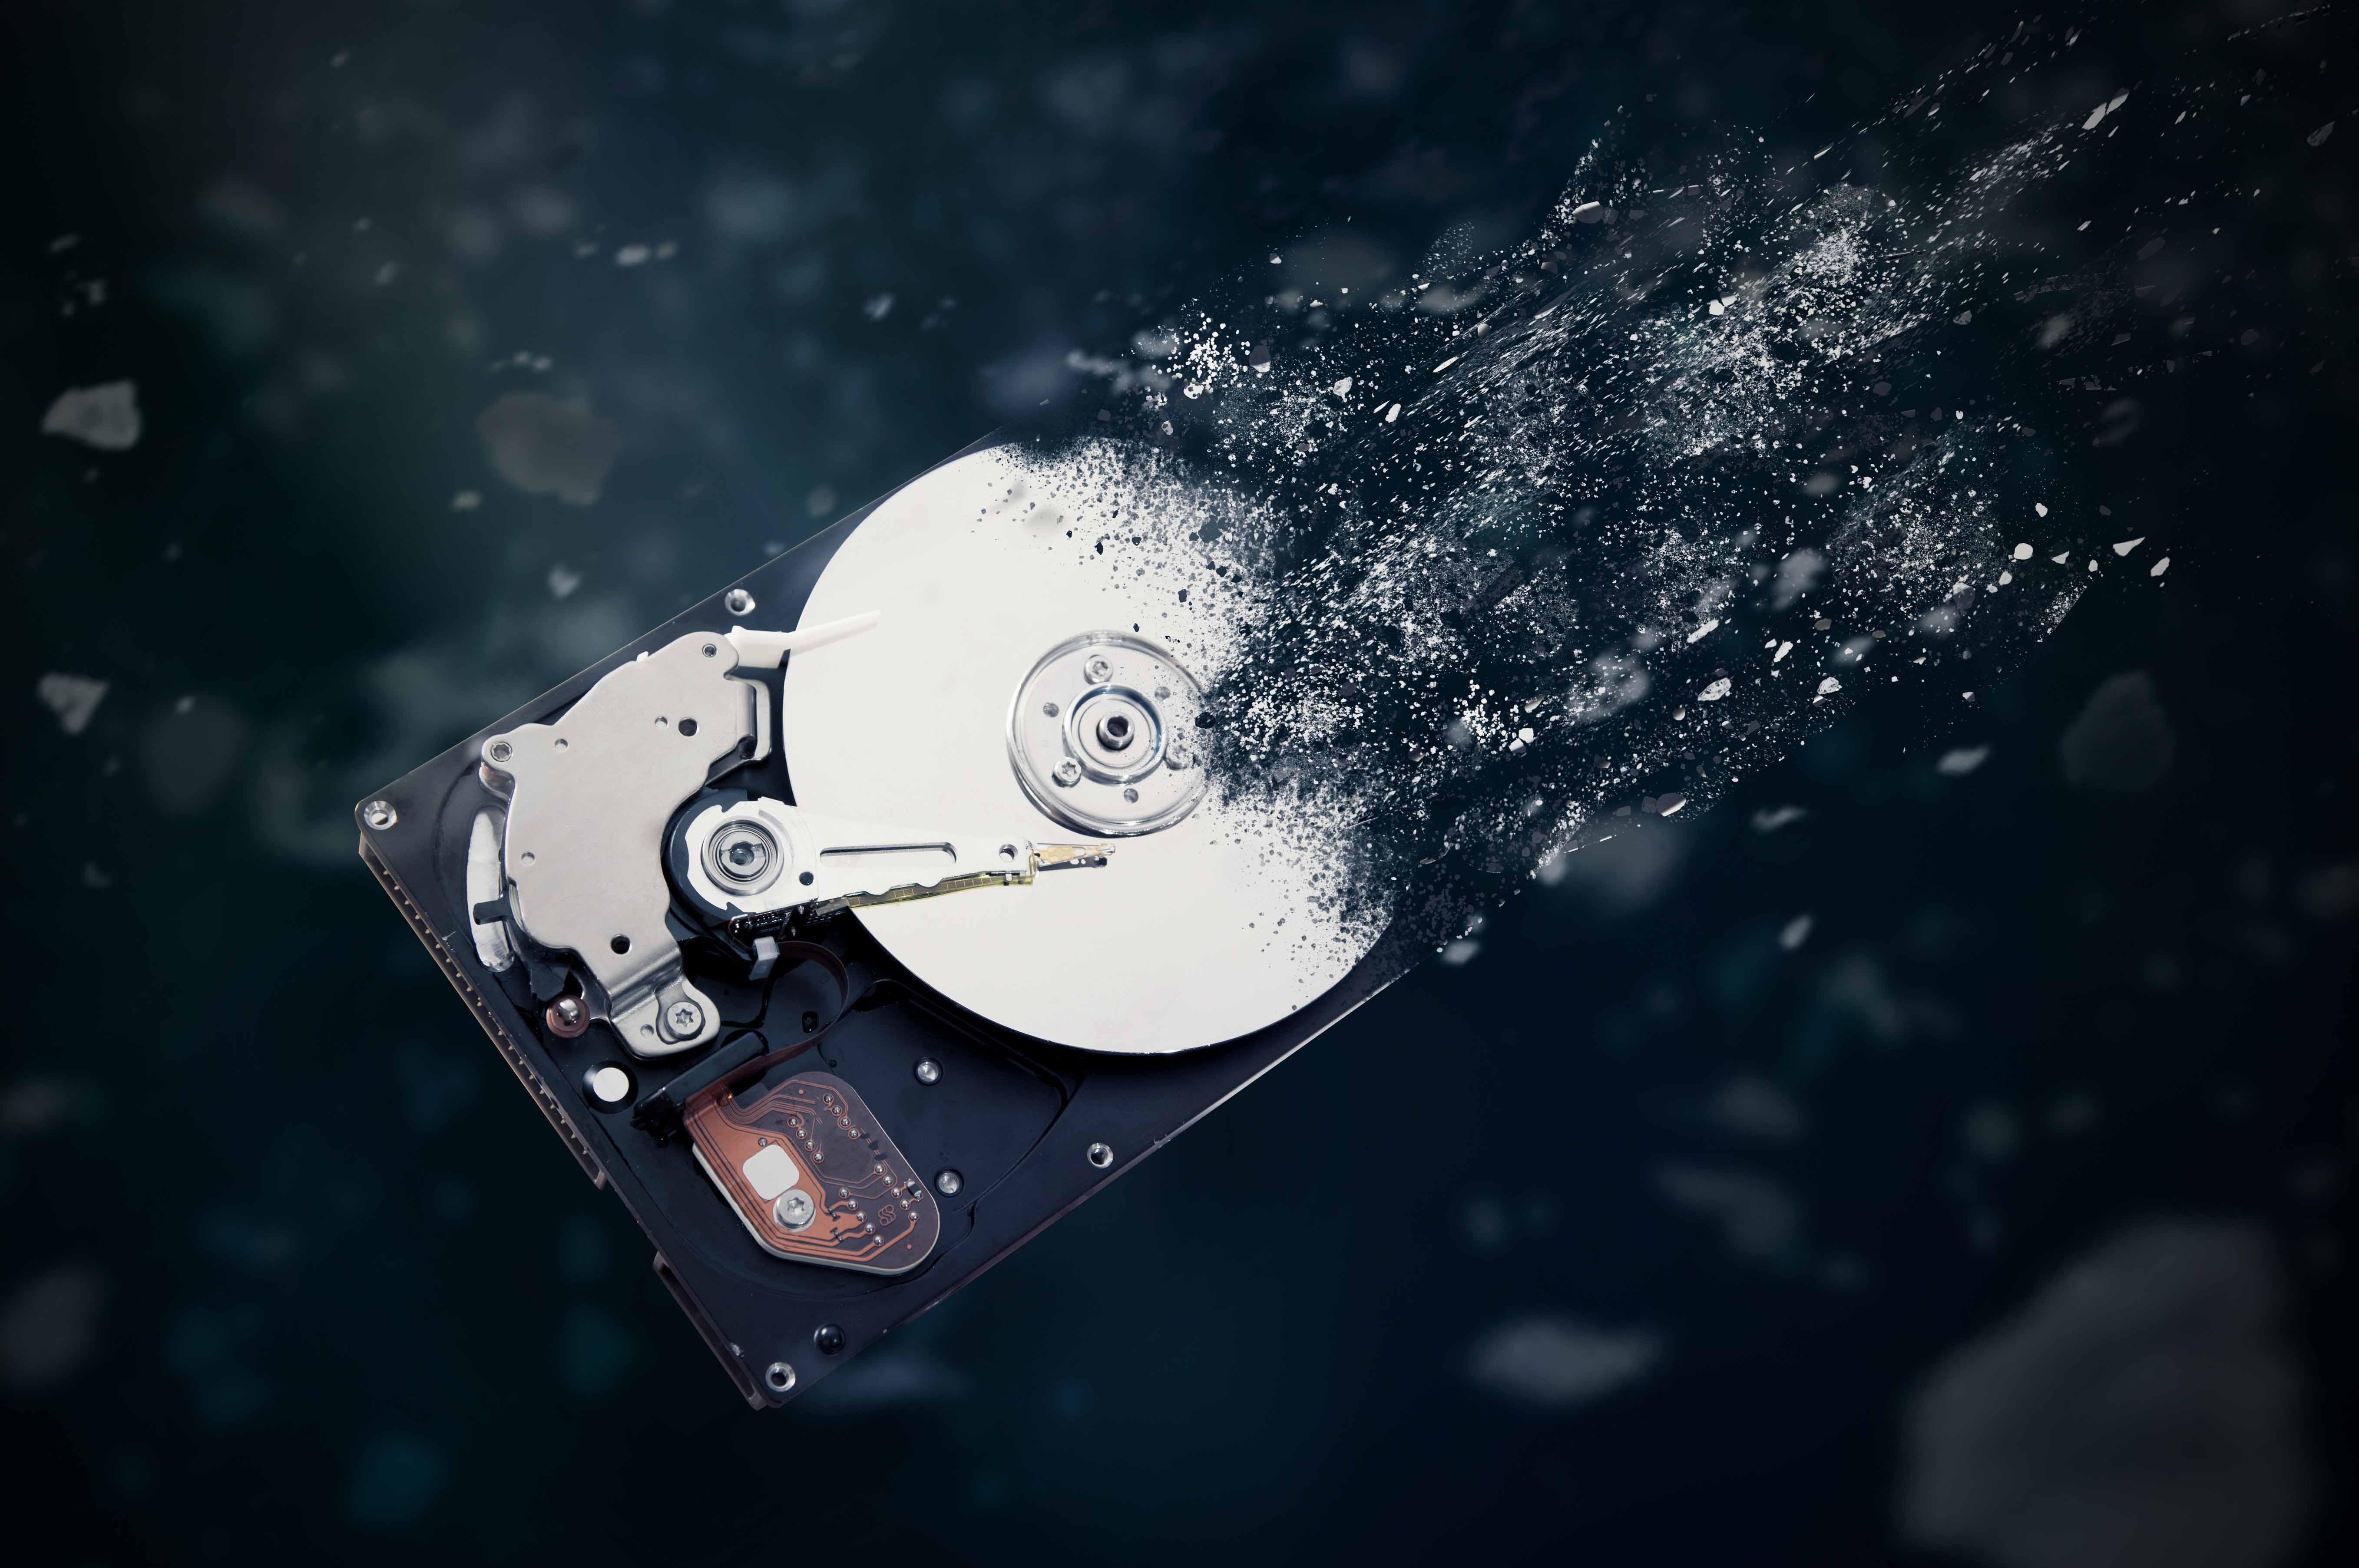 パソコンの処分・廃棄・リサイクル店を紹介!PCは安全に処理!